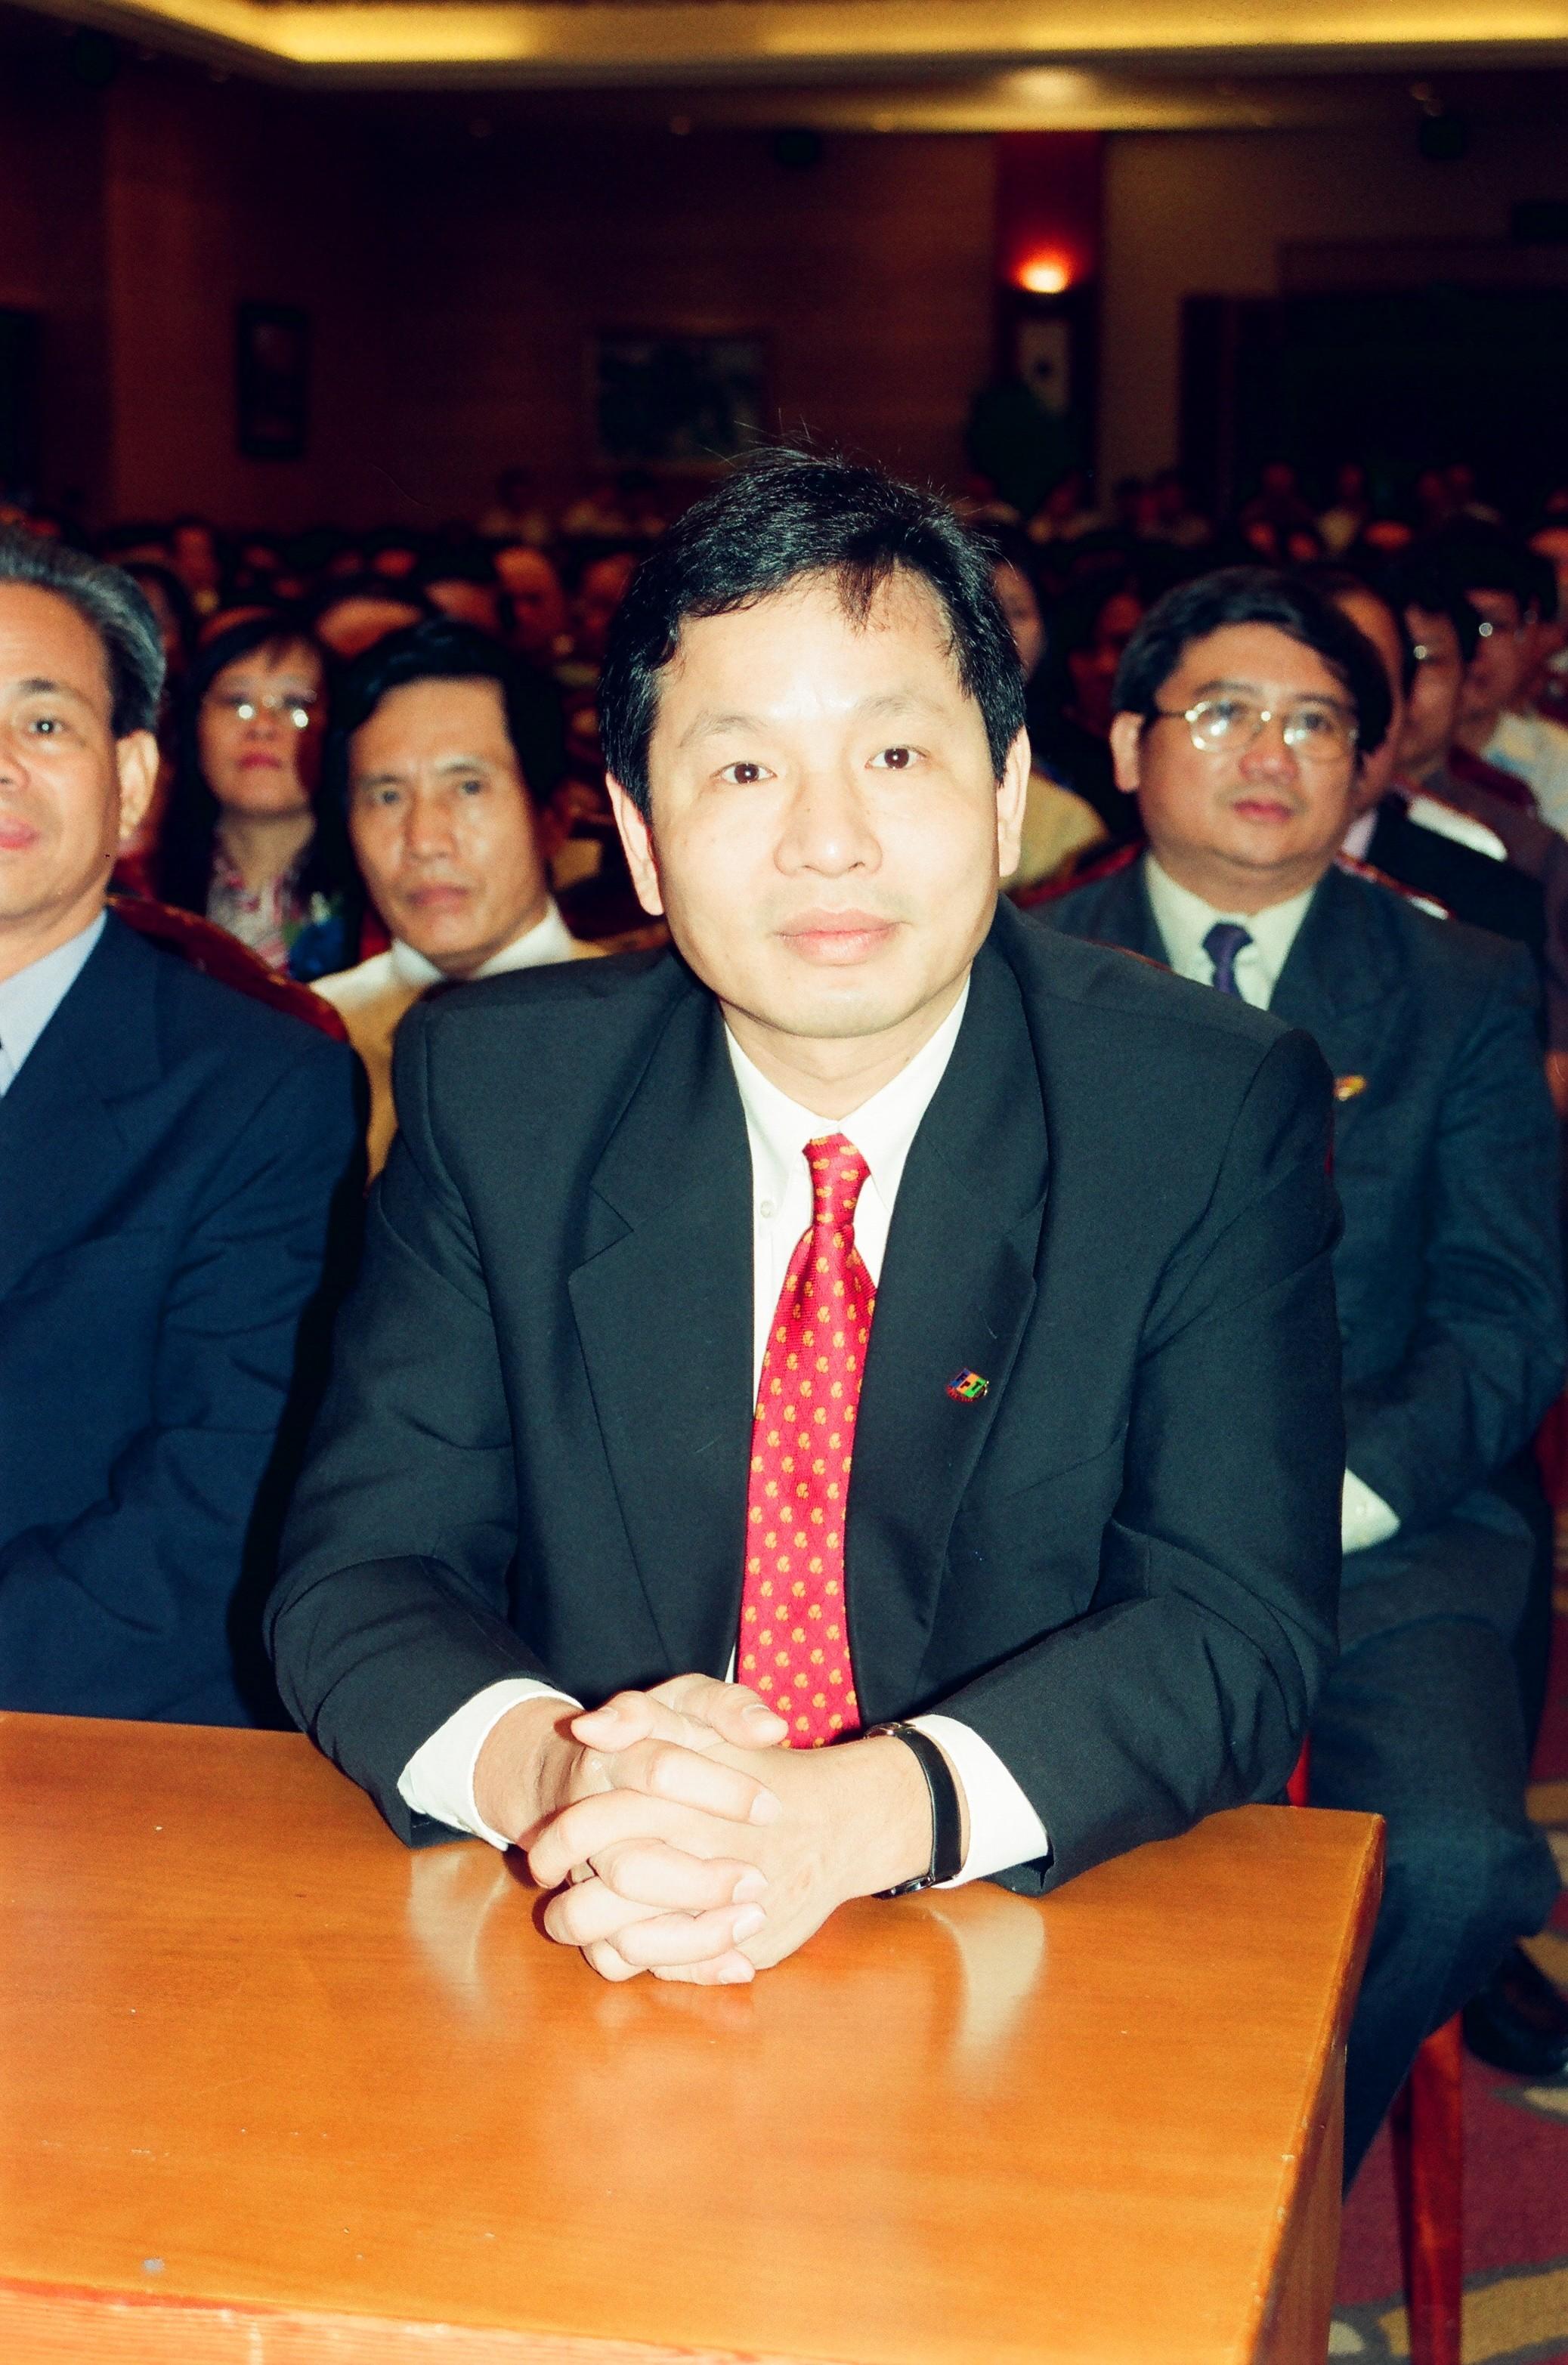 """Ý tưởng quá hay. Chủ tịch FPT Trương Gia Bình phải vào tận TP HCM để thuyết phục anh Tùng đảm nhiệm dự án này. Anh Tùng quả quyết: """"Tôi có thể từ chối để người khác đảm nhiệm nhưng đã đặt tâm huyết của mình vào điều gì thì phải làm đến cùng""""."""